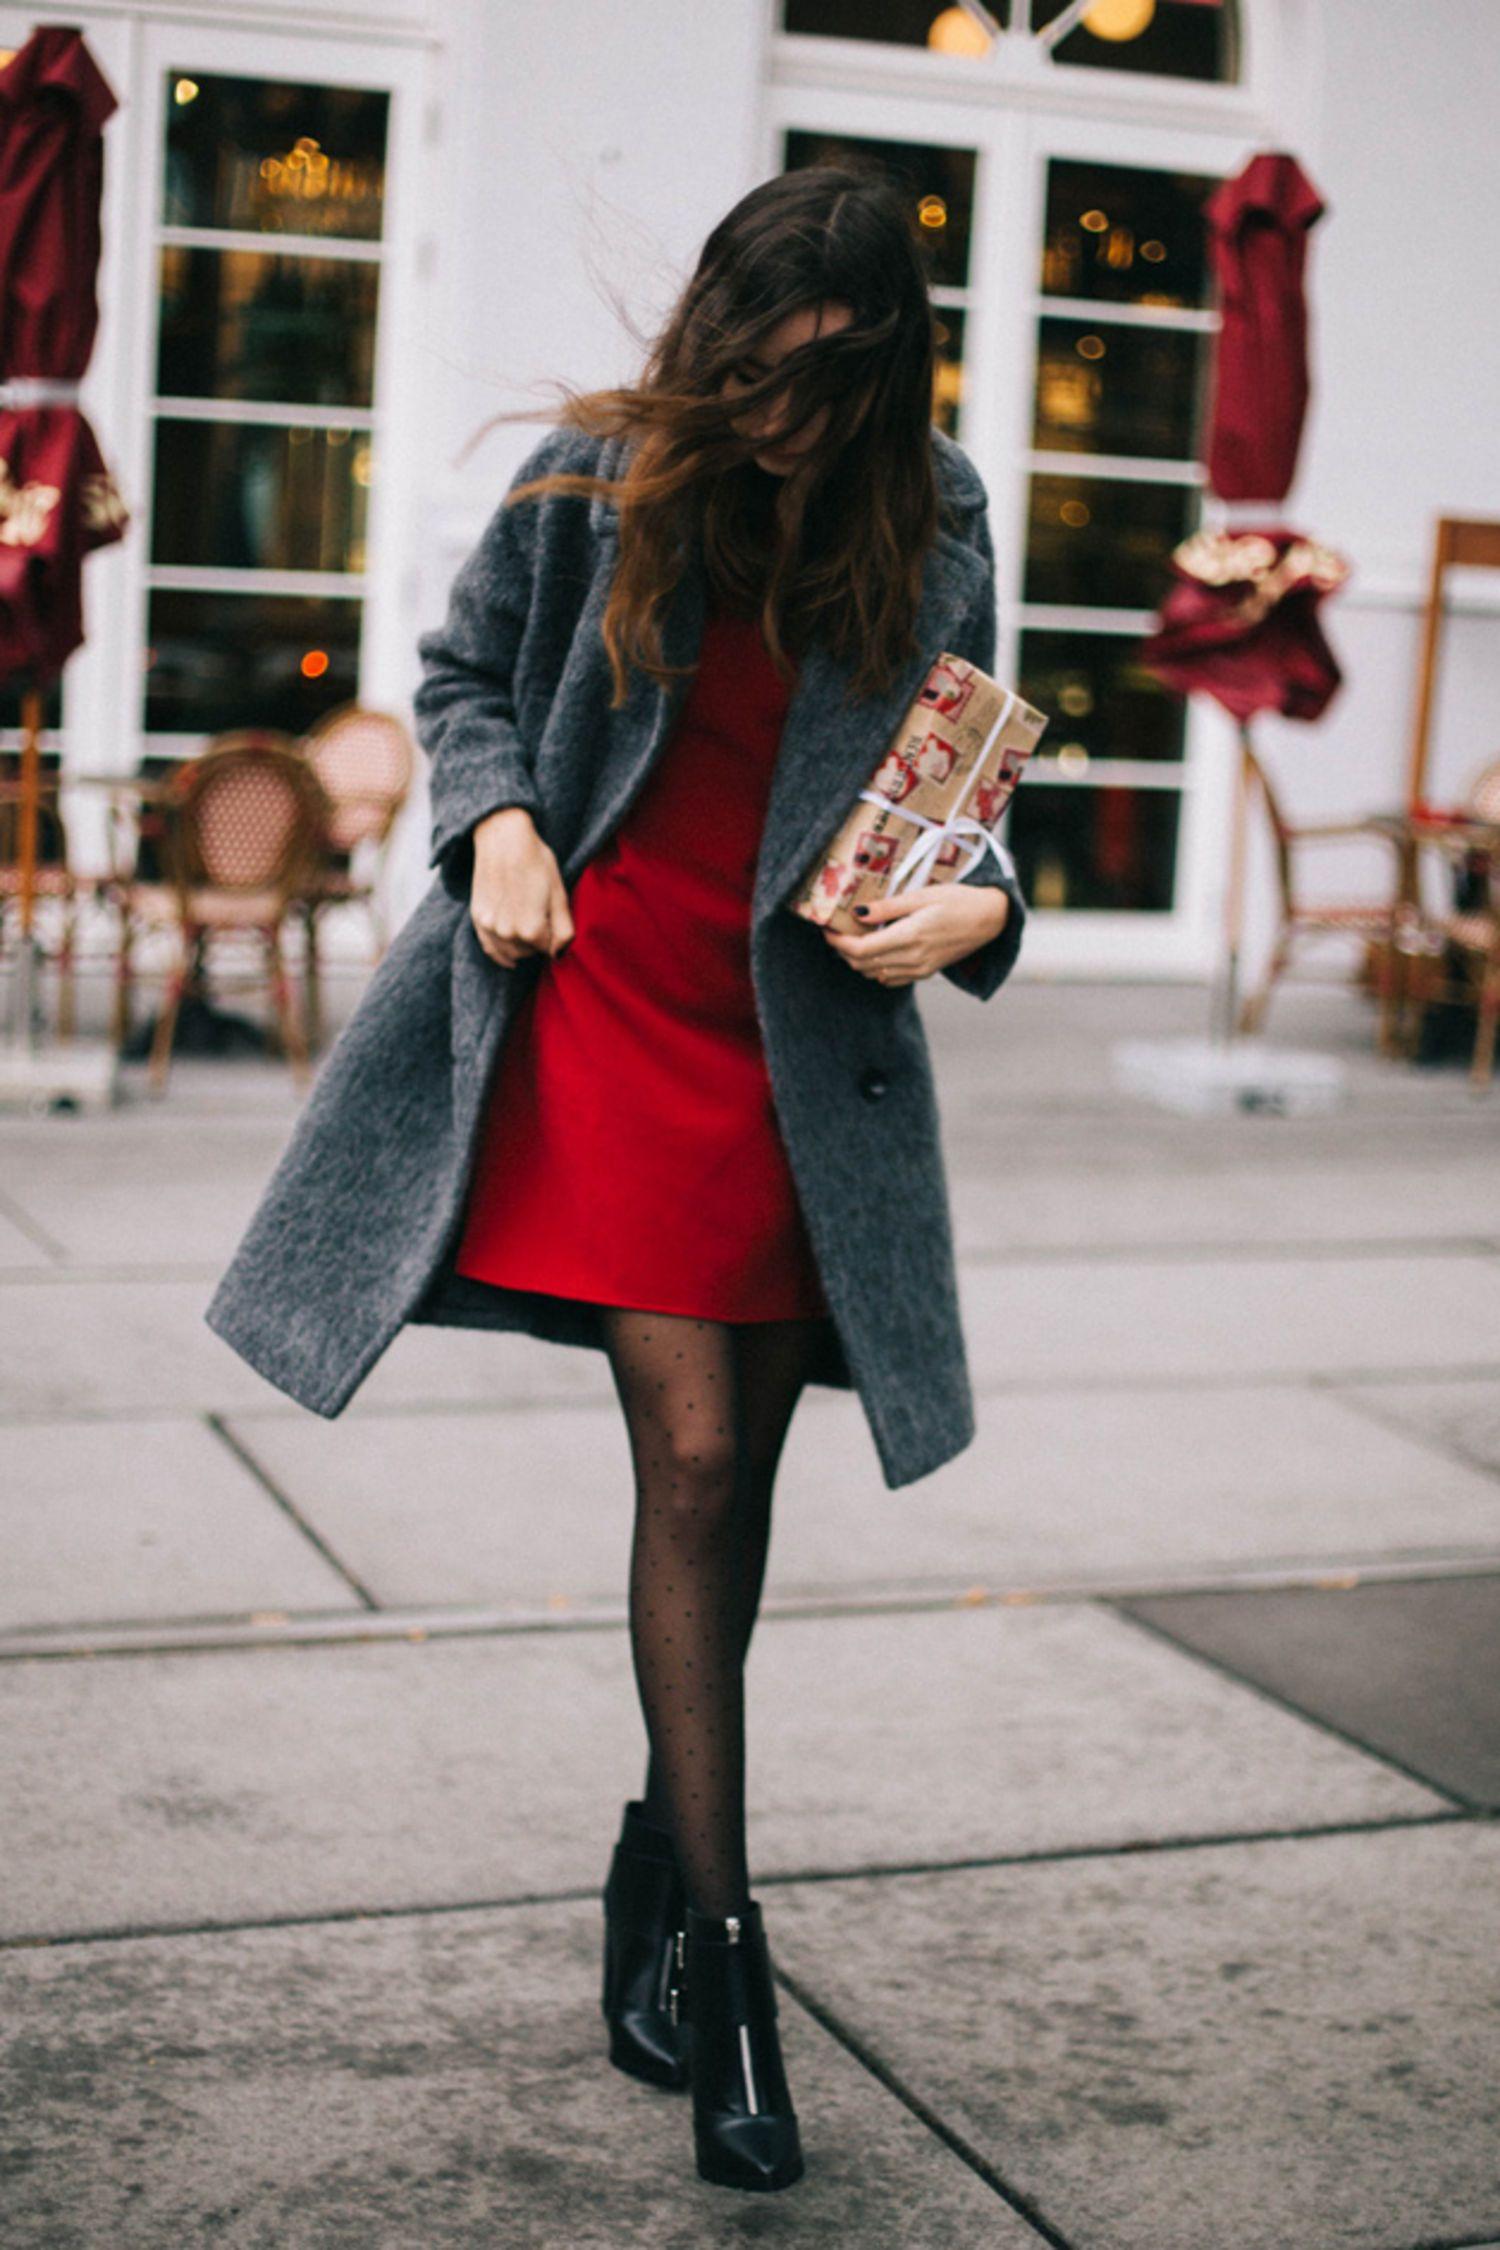 Dress up your boyfriend - 25 Winter Date Night Outfit Ideas Dress Up For Your Boyfriend Or Husband This Valentine S Day